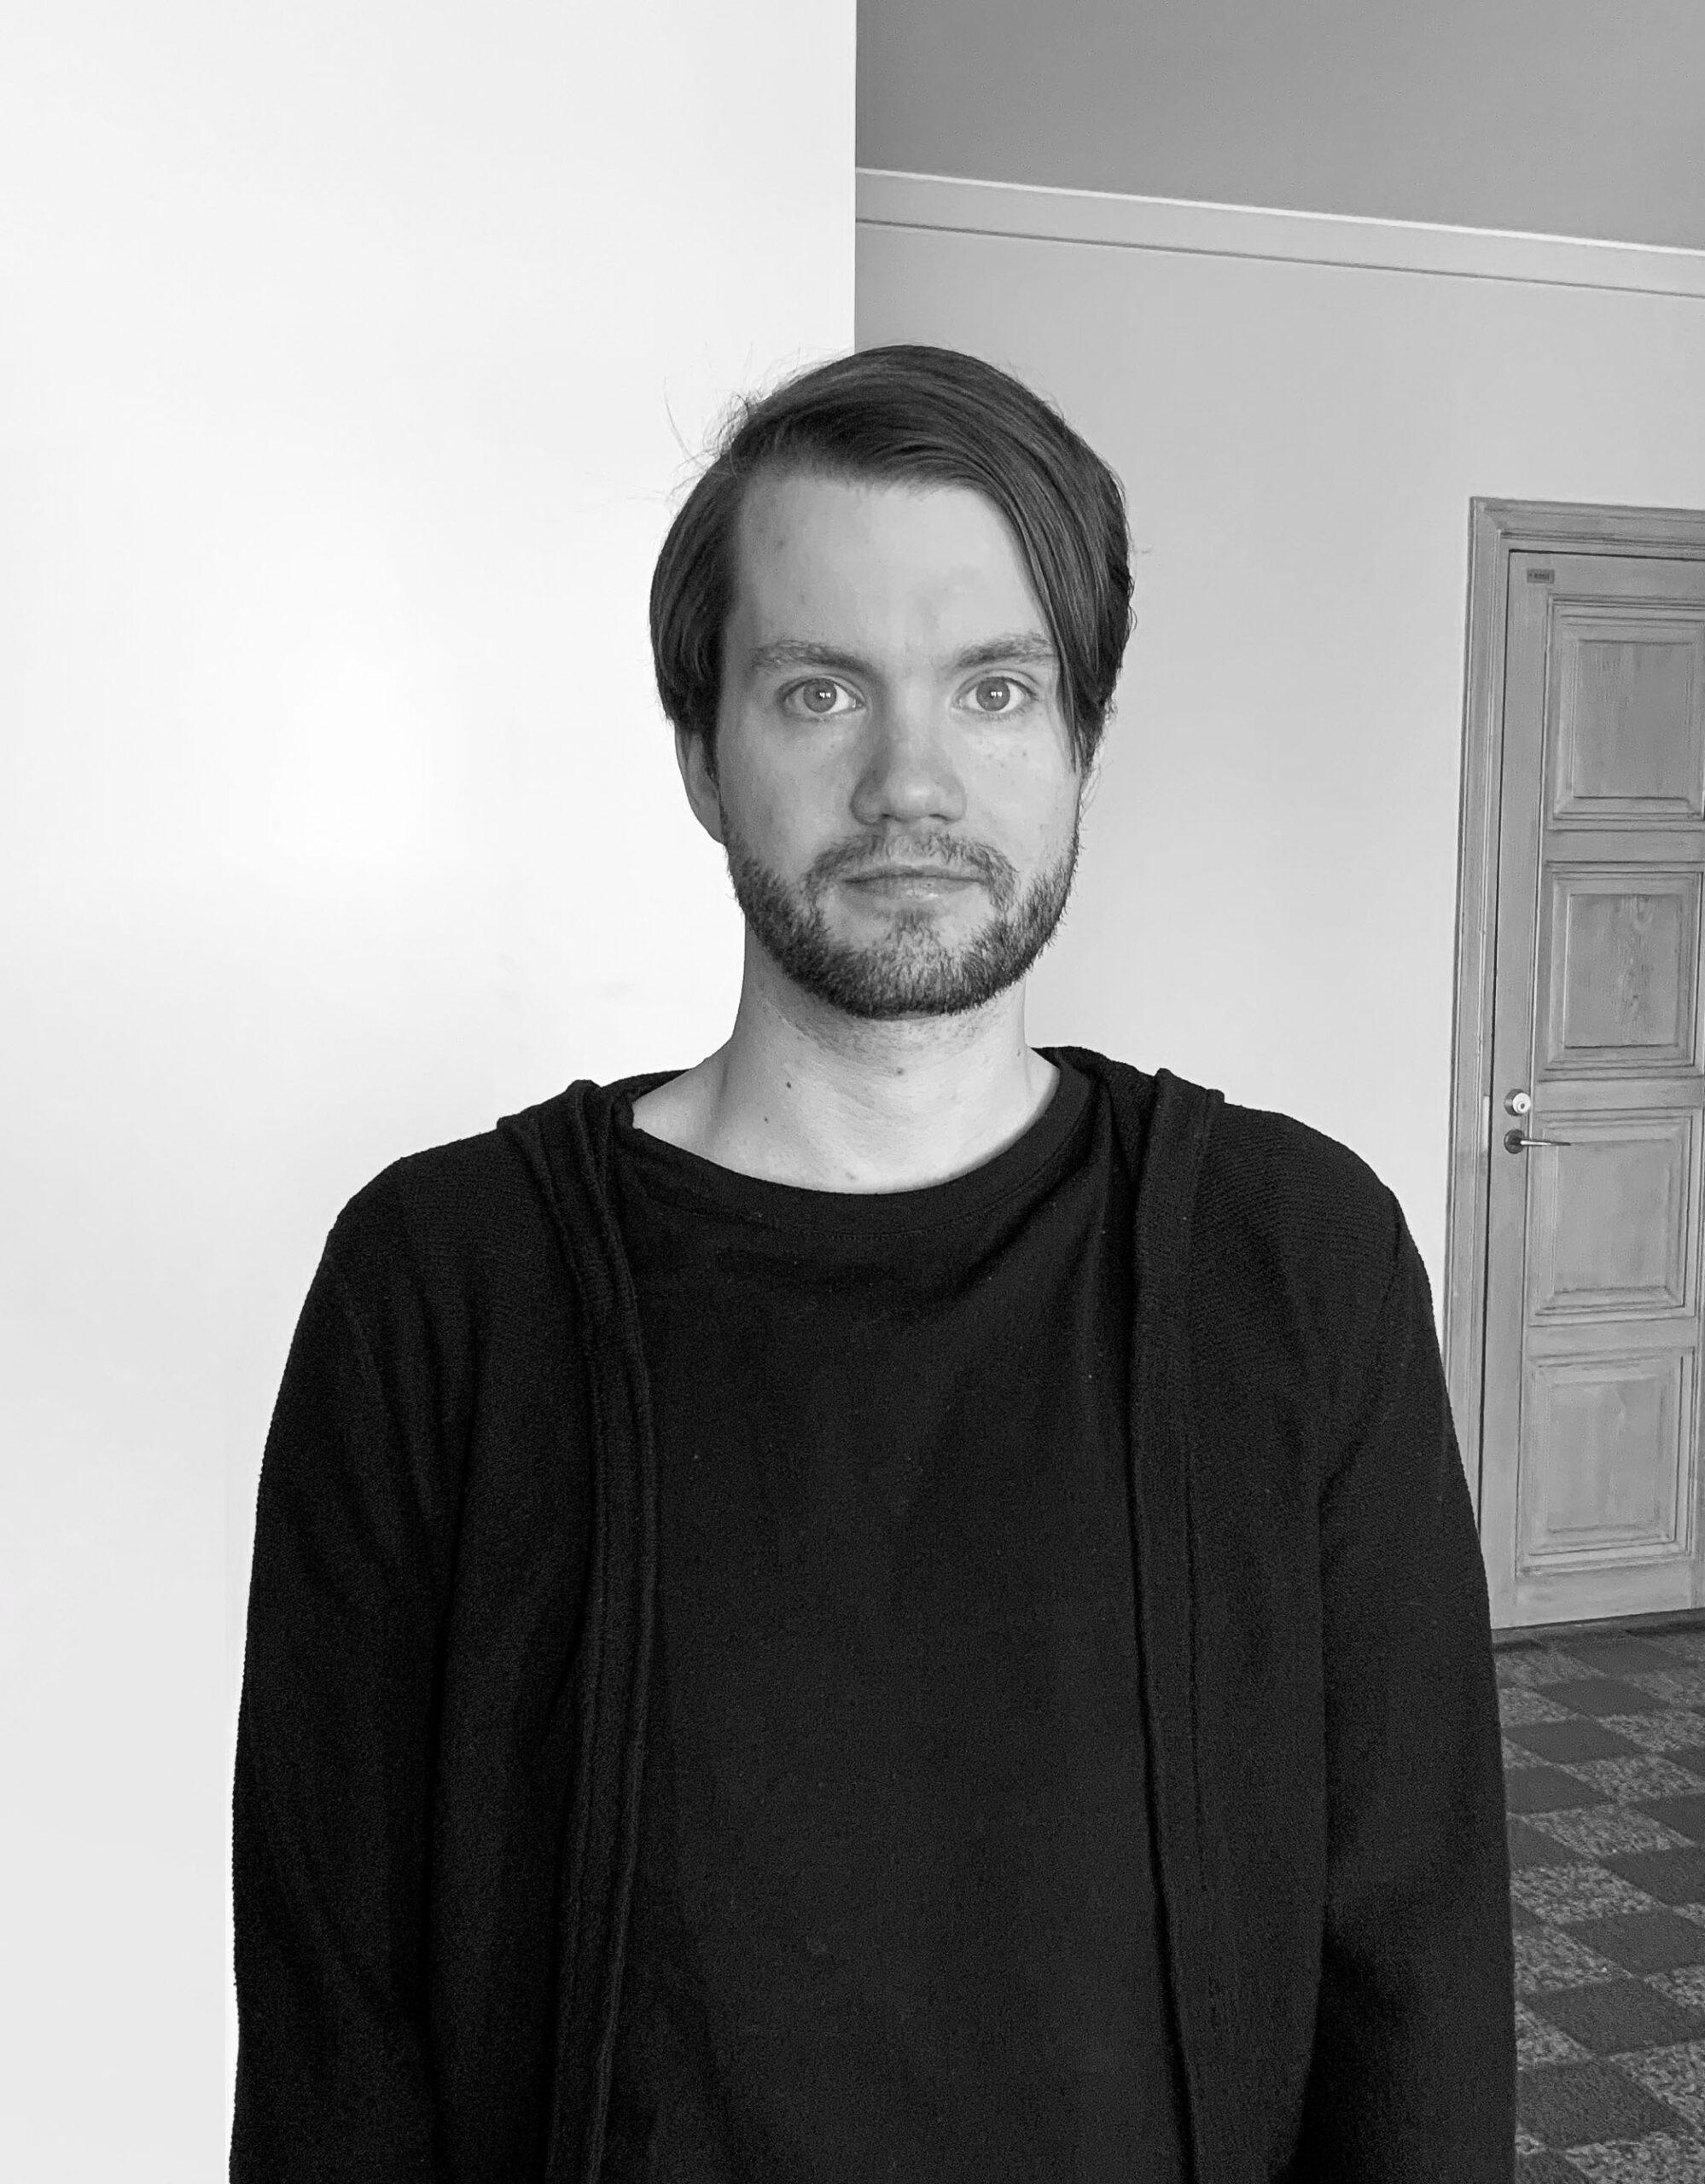 Digisuunnittelija Tuomas